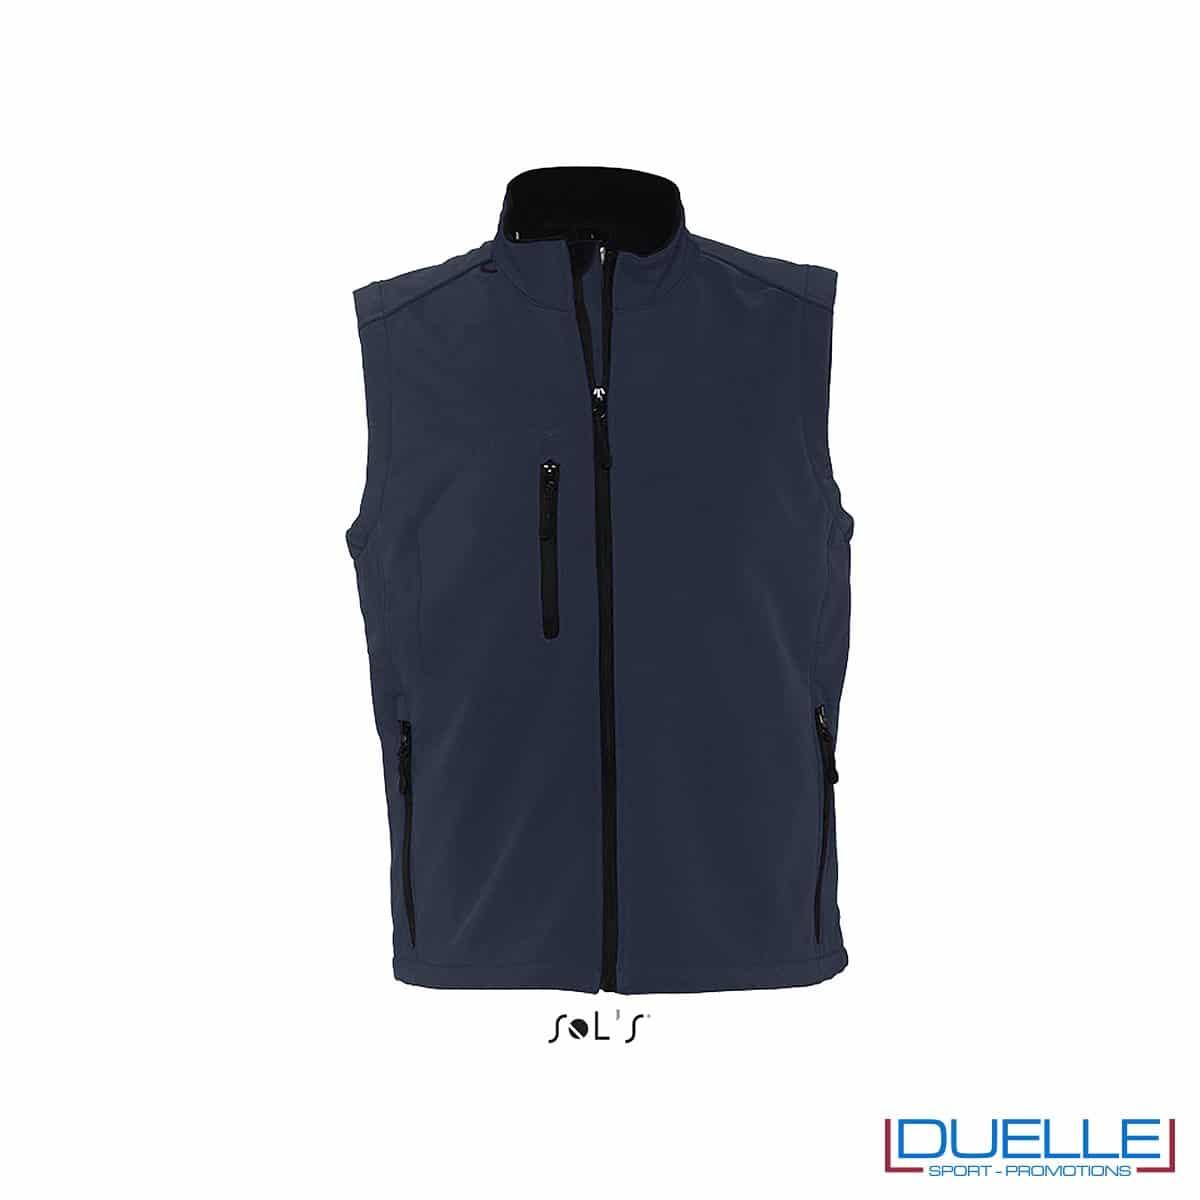 Gilet softshell colore blu oltremare personalizzato con stampe o ricami